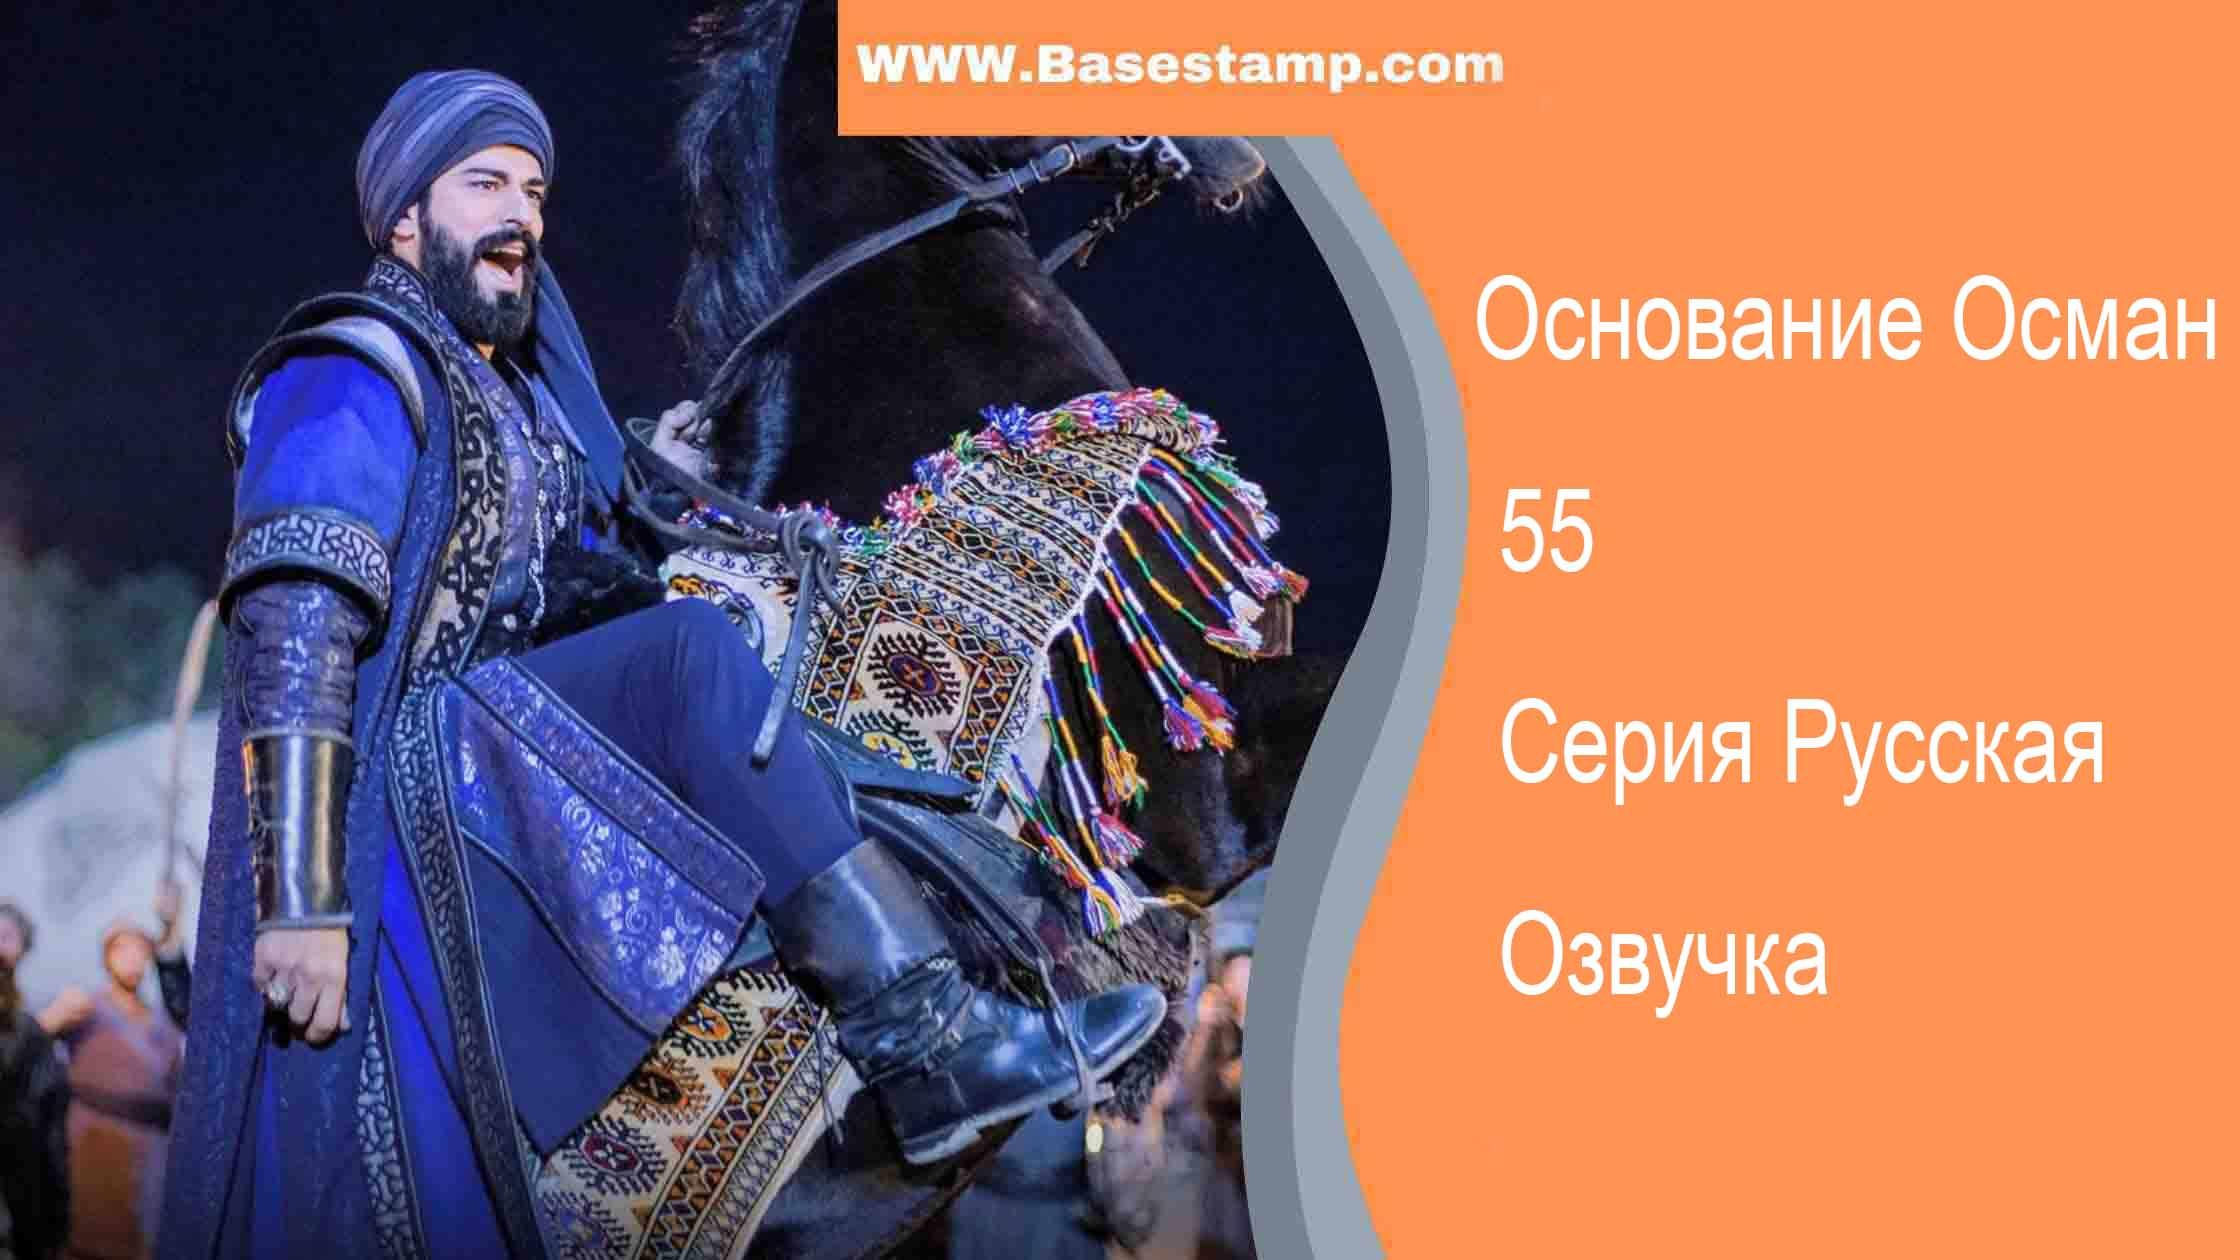 Основание Осман 55 Серия Русская Озвучка